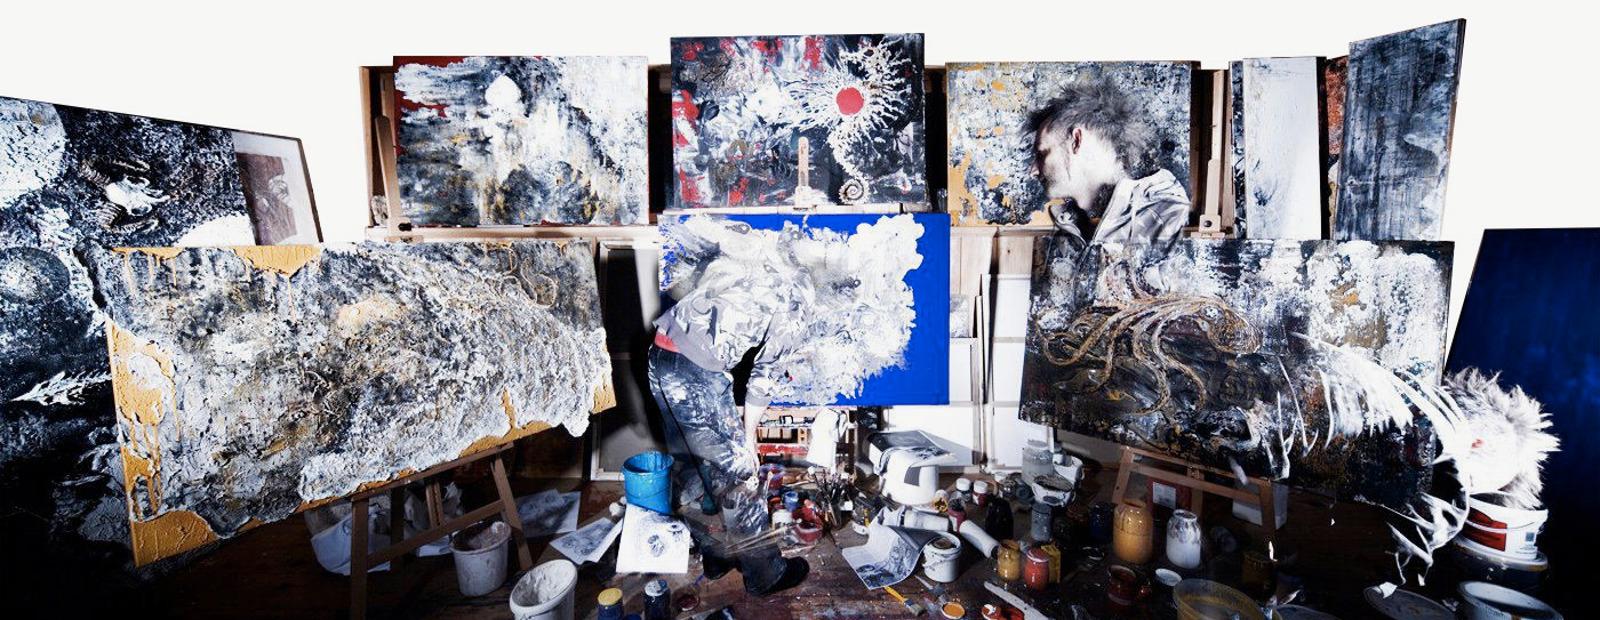 Bild des Künstlers Giovi in seinem Atelier